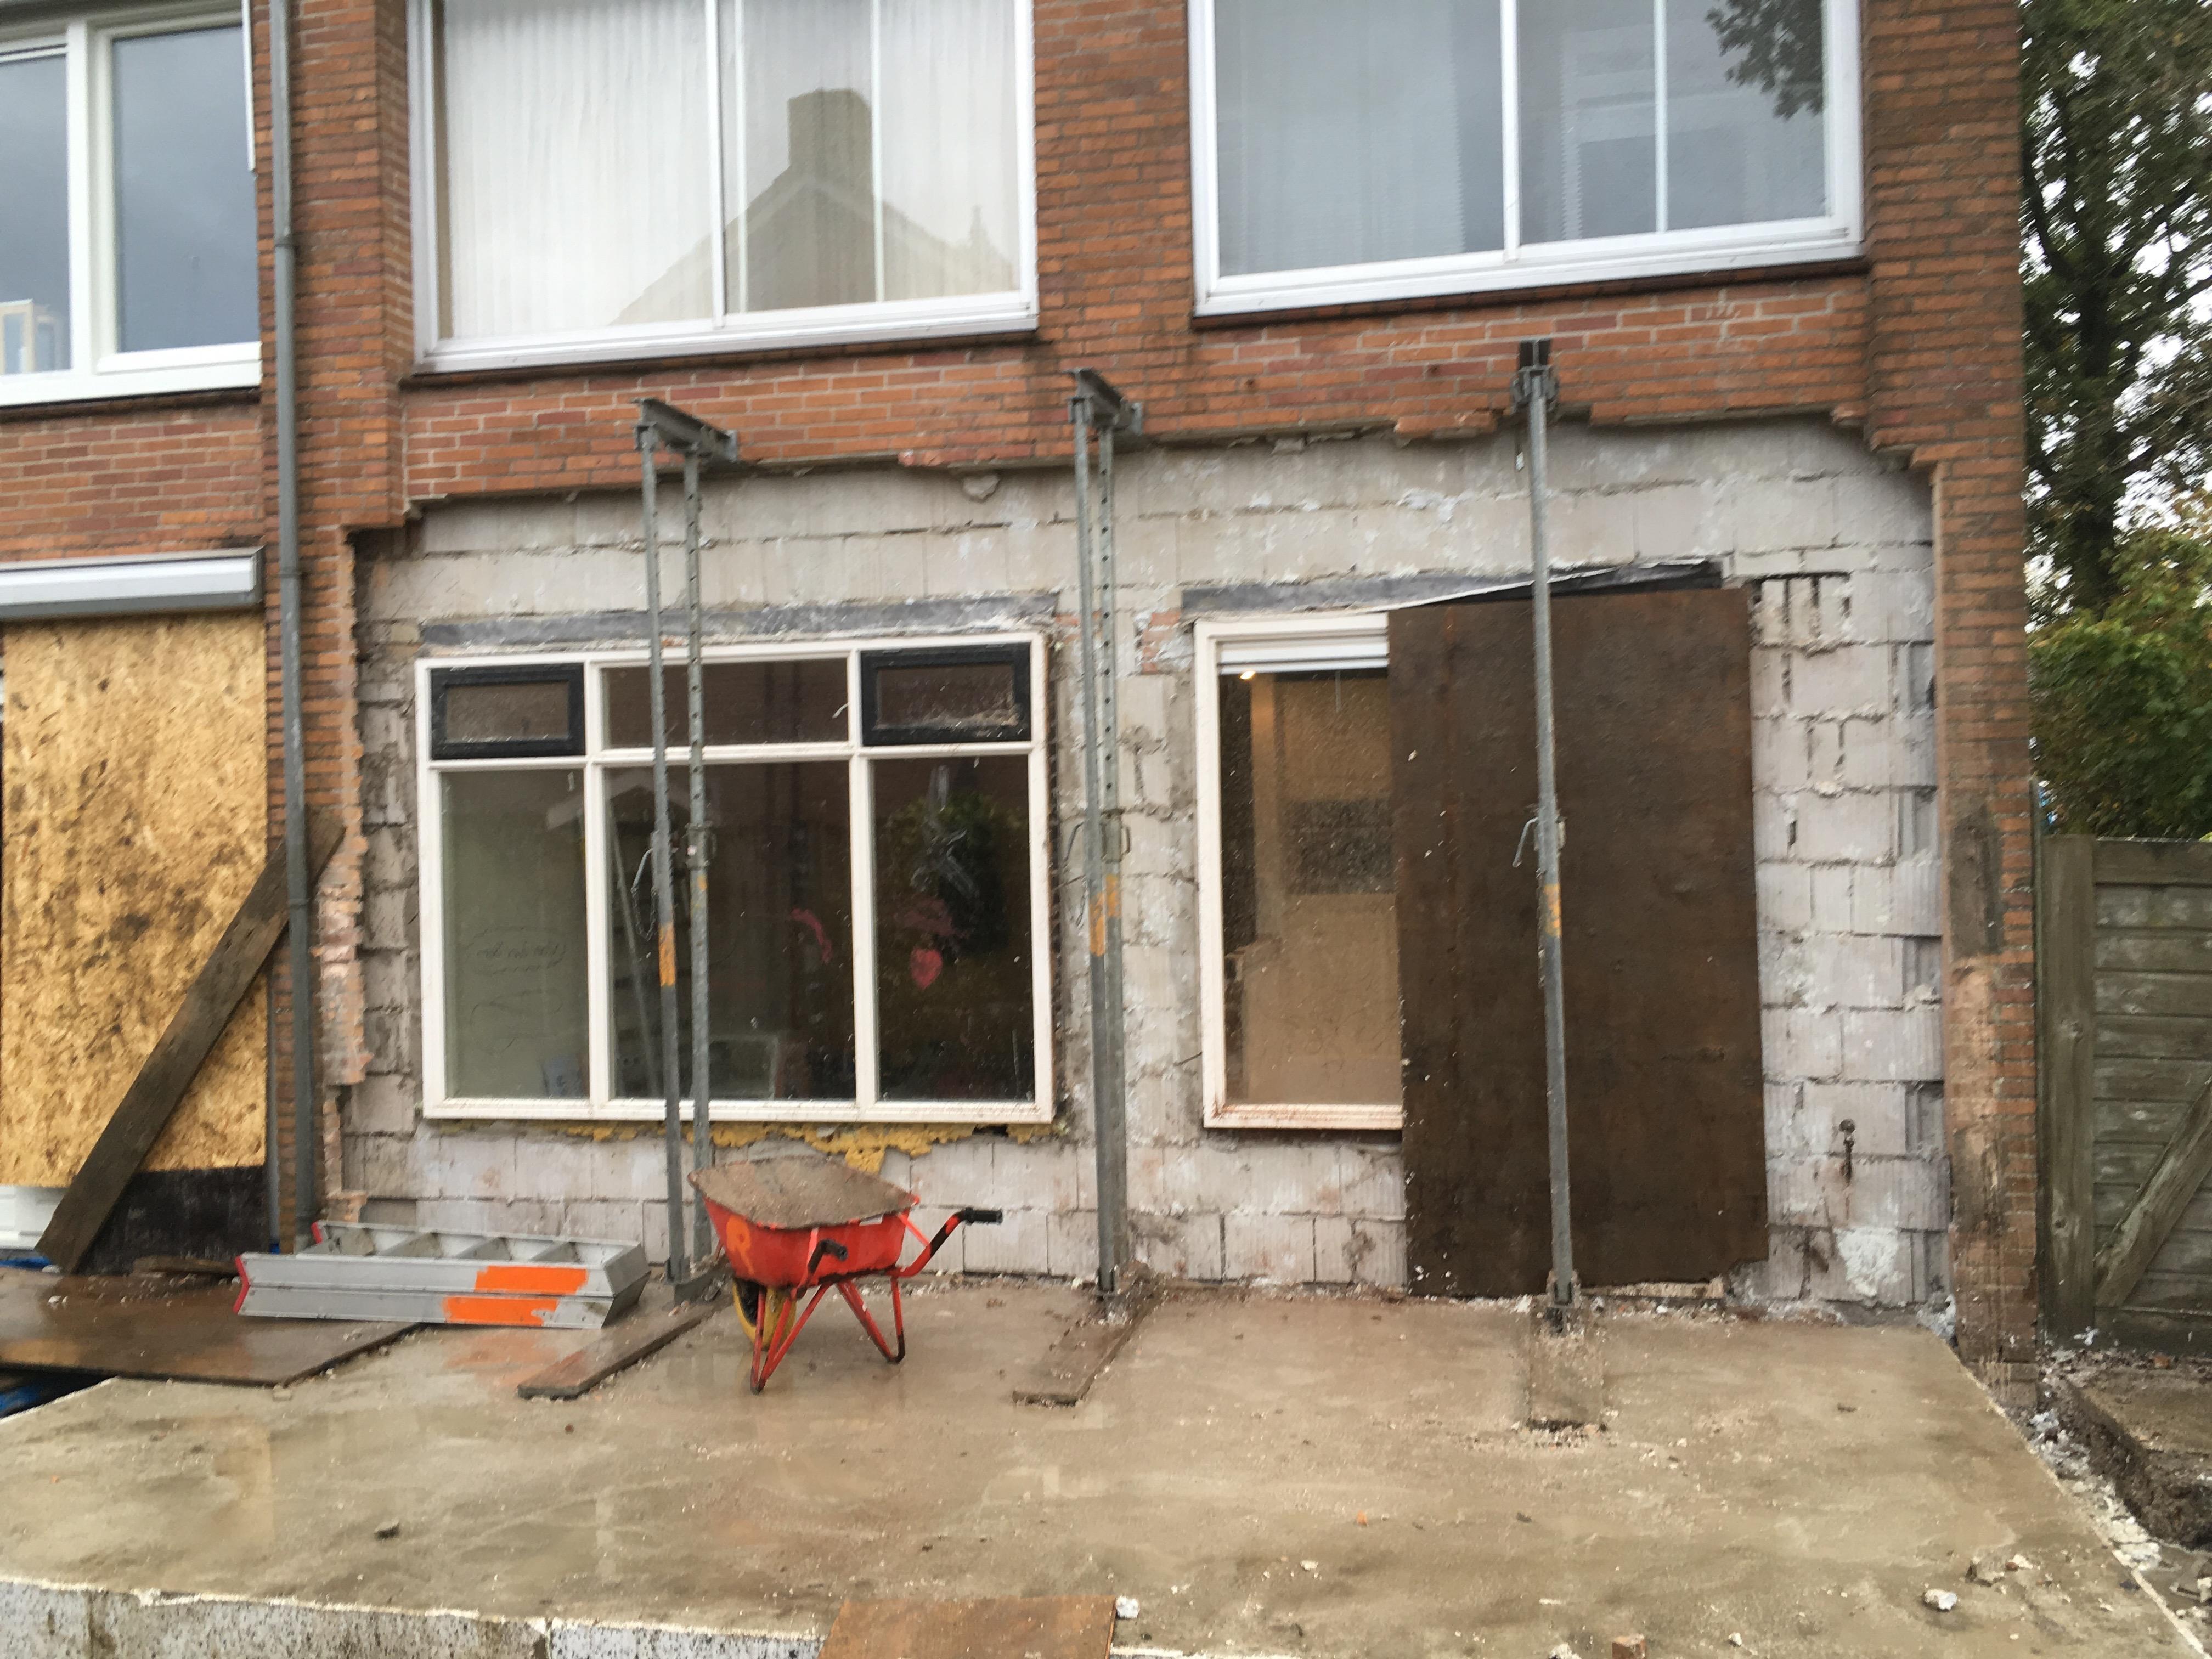 Voorbeelden Uitbouw Woning : Uitbouw huis voorbeelden. awesome aanbouw aanbouw with aanbouw